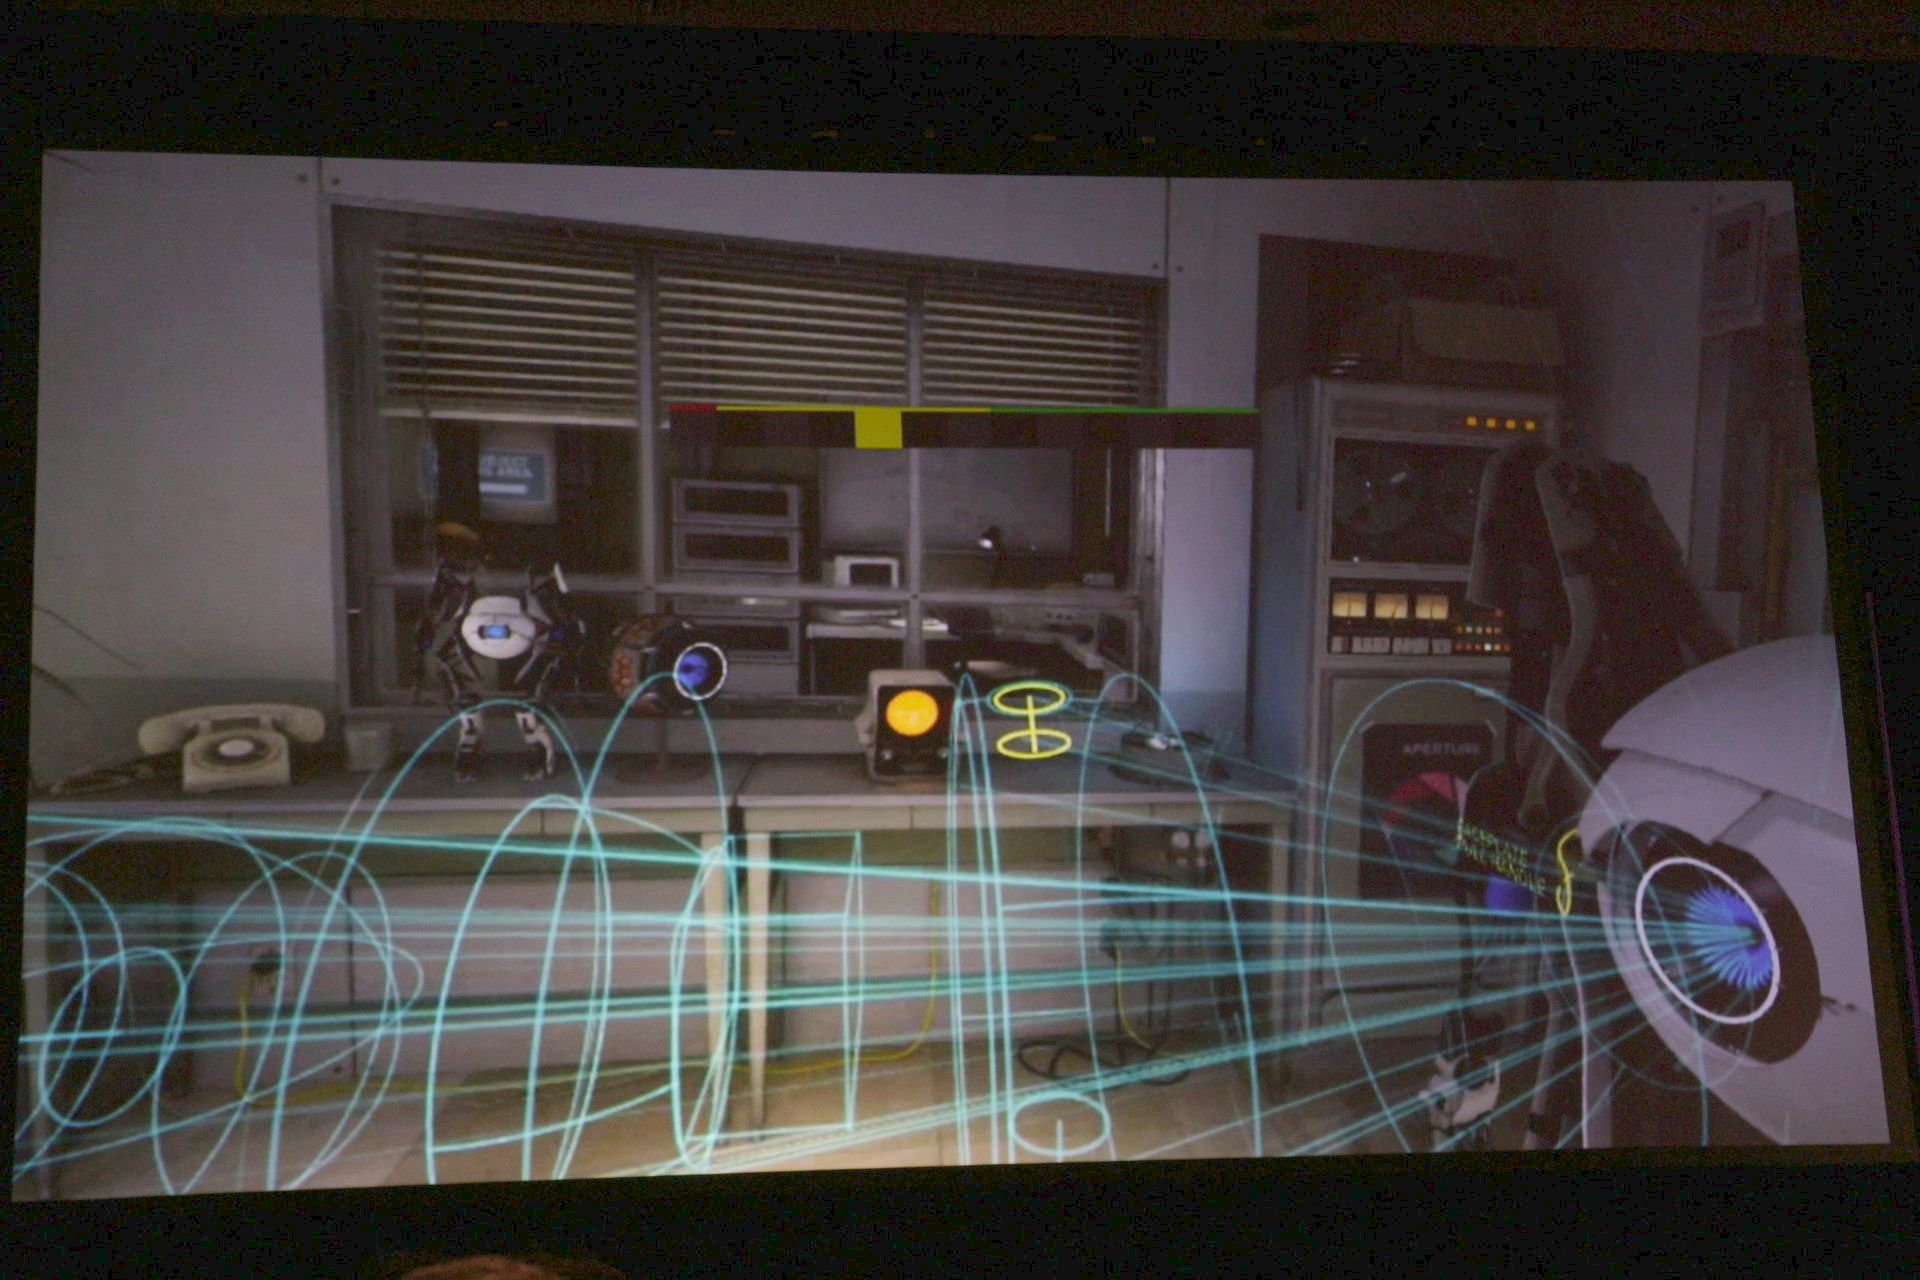 品質制御の例。カメラに複雑なオブジェクトが捉えられているときと、シンプルなオブジェクトしか見えていないときに異なるクオリティレベルに自動調整されている